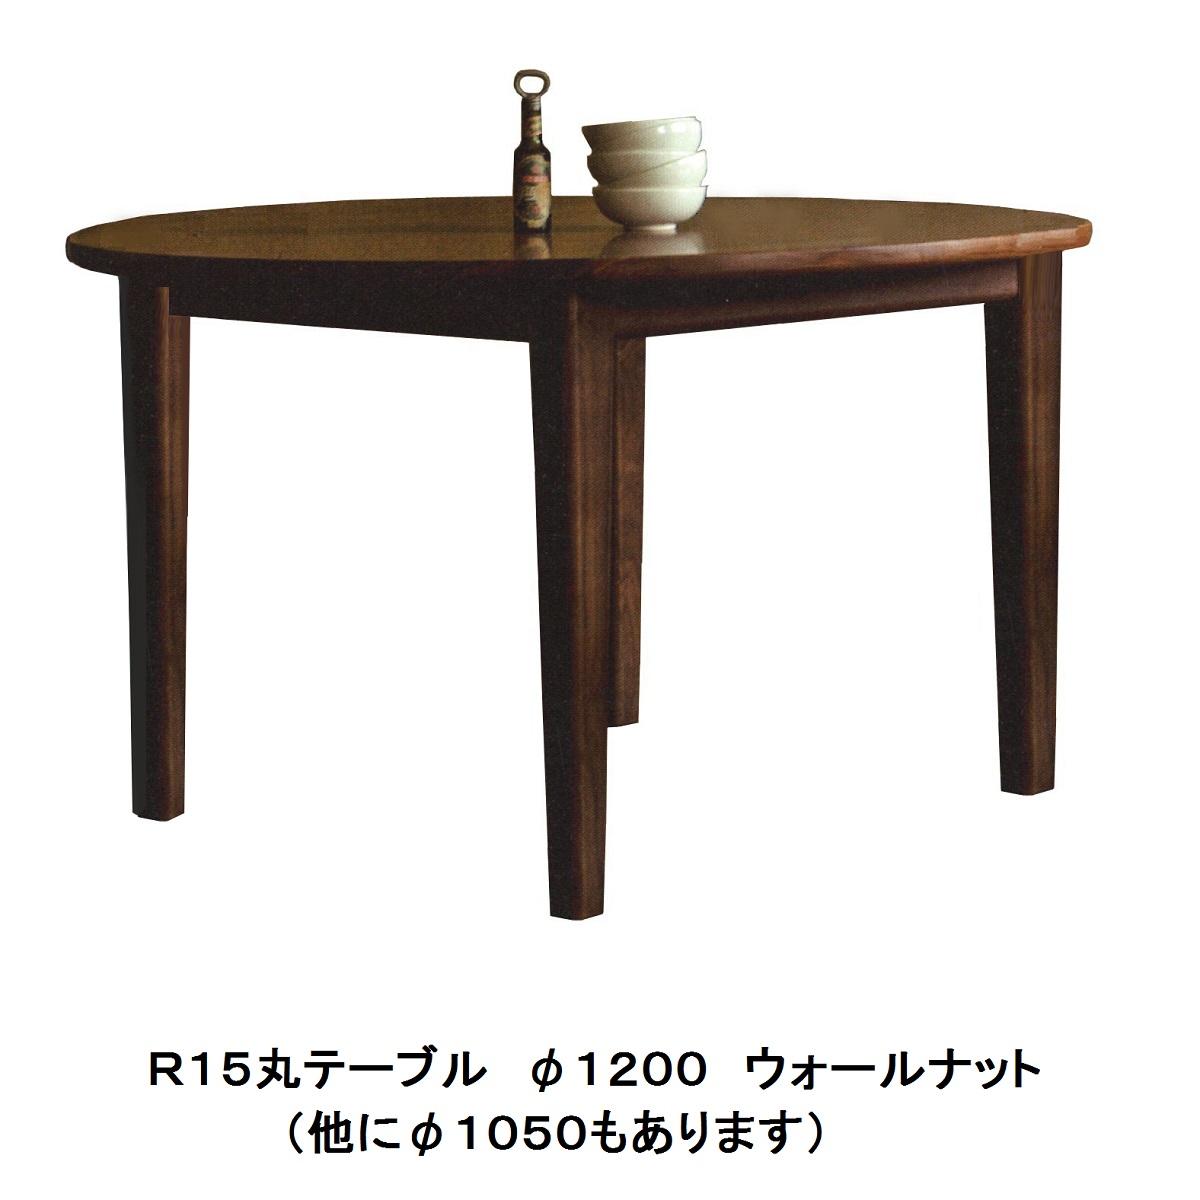 飛騨高山 木馬舎R15 丸テーブル 1200 φ1050もあり素材ウォールナット受注生産になっております。送料無料(沖縄・北海道・離島は除く)